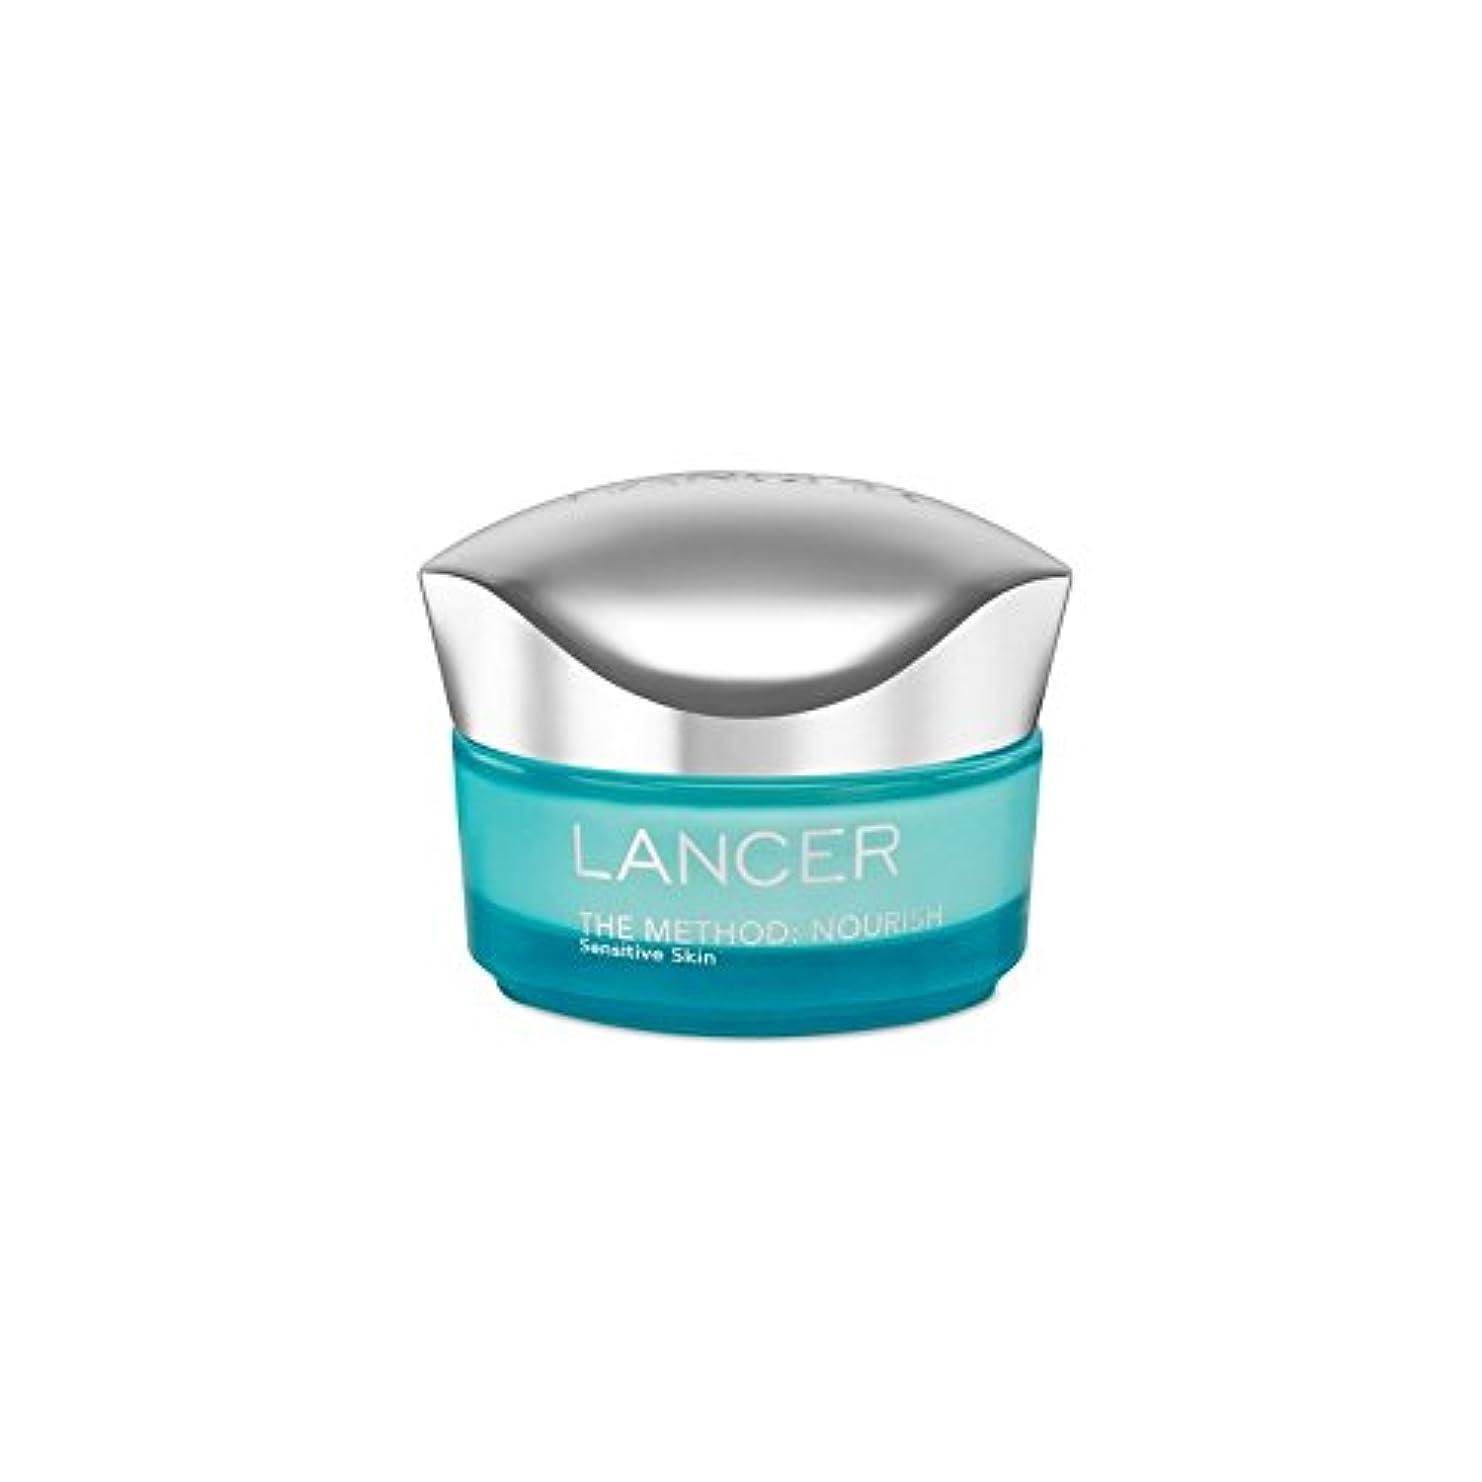 毎月必須フォーマルLancer Skincare The Method: Nourish Moisturiser Sensitive Skin (50ml) (Pack of 6) - ランサーは、この方法をスキンケア:保湿敏感肌(50)に栄養を与えます x6 [並行輸入品]